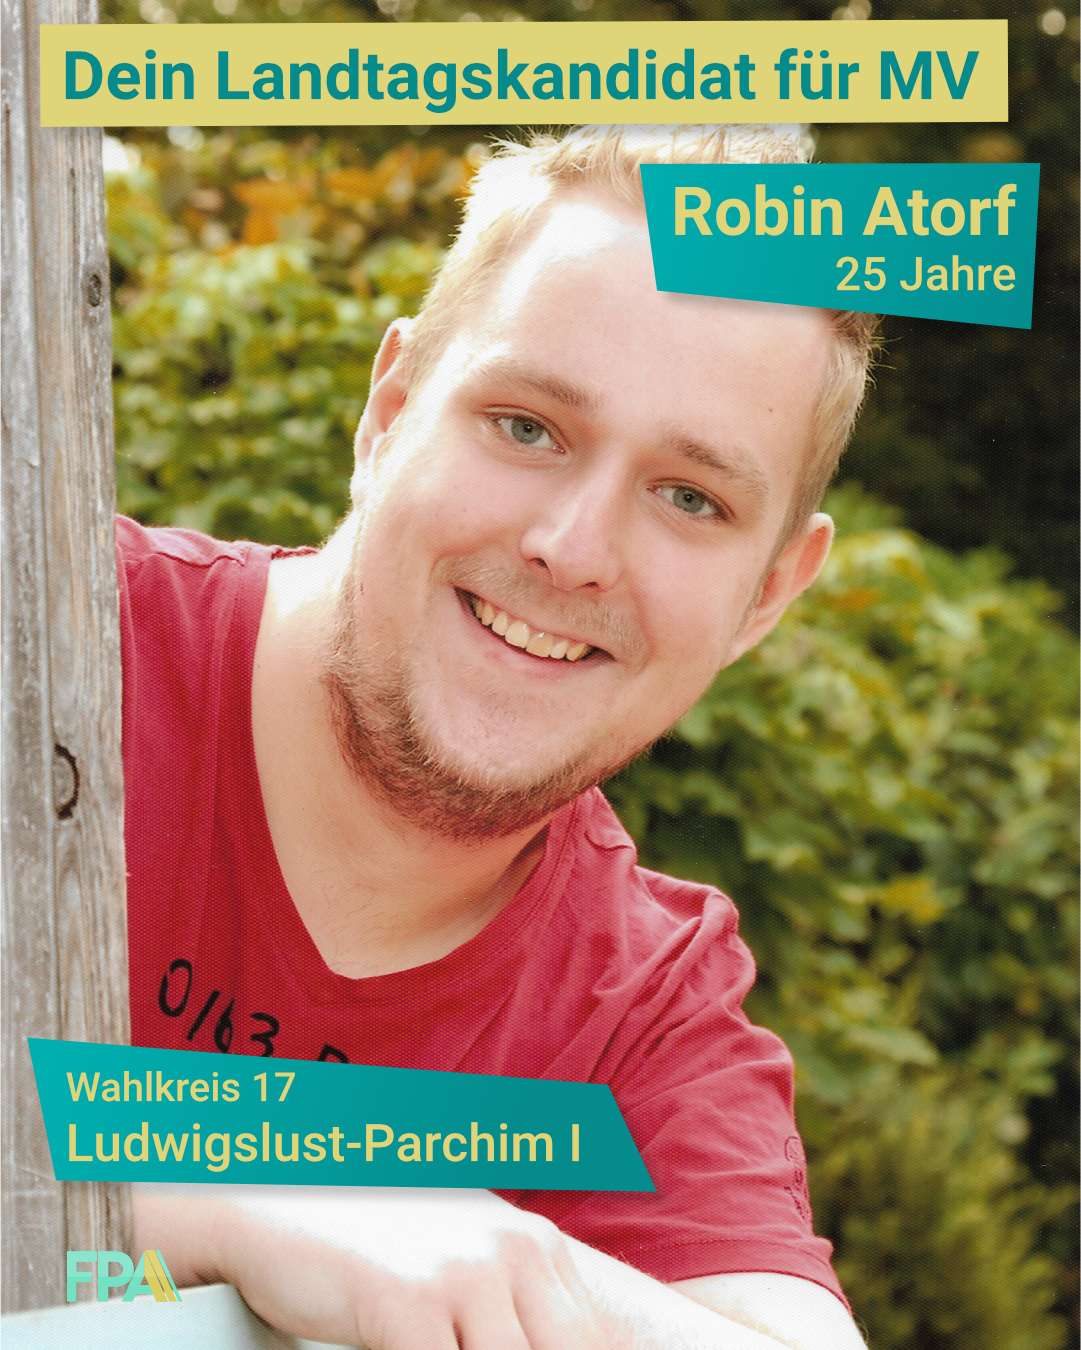 Robin Atorf